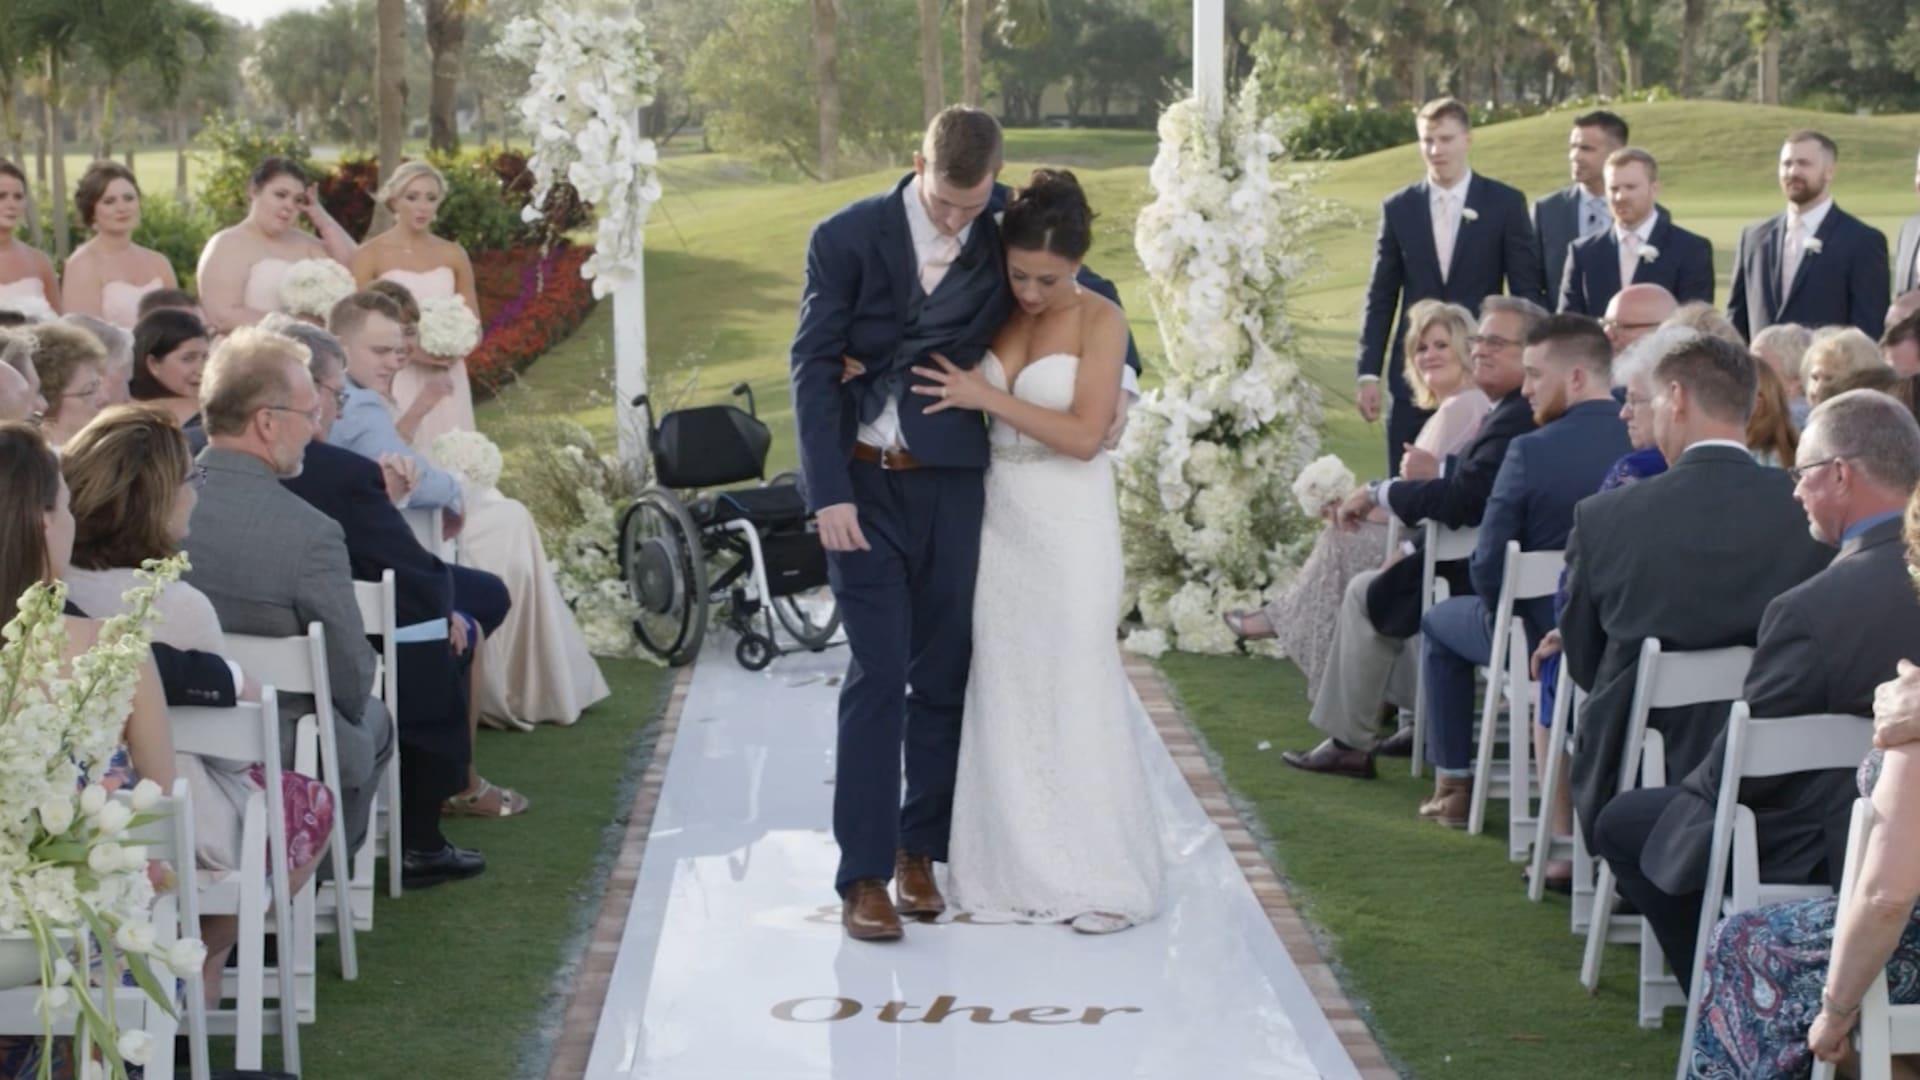 مصاب بشلل رباعي تمكن من السير في حفل زفافه.. استمع إلى قصته